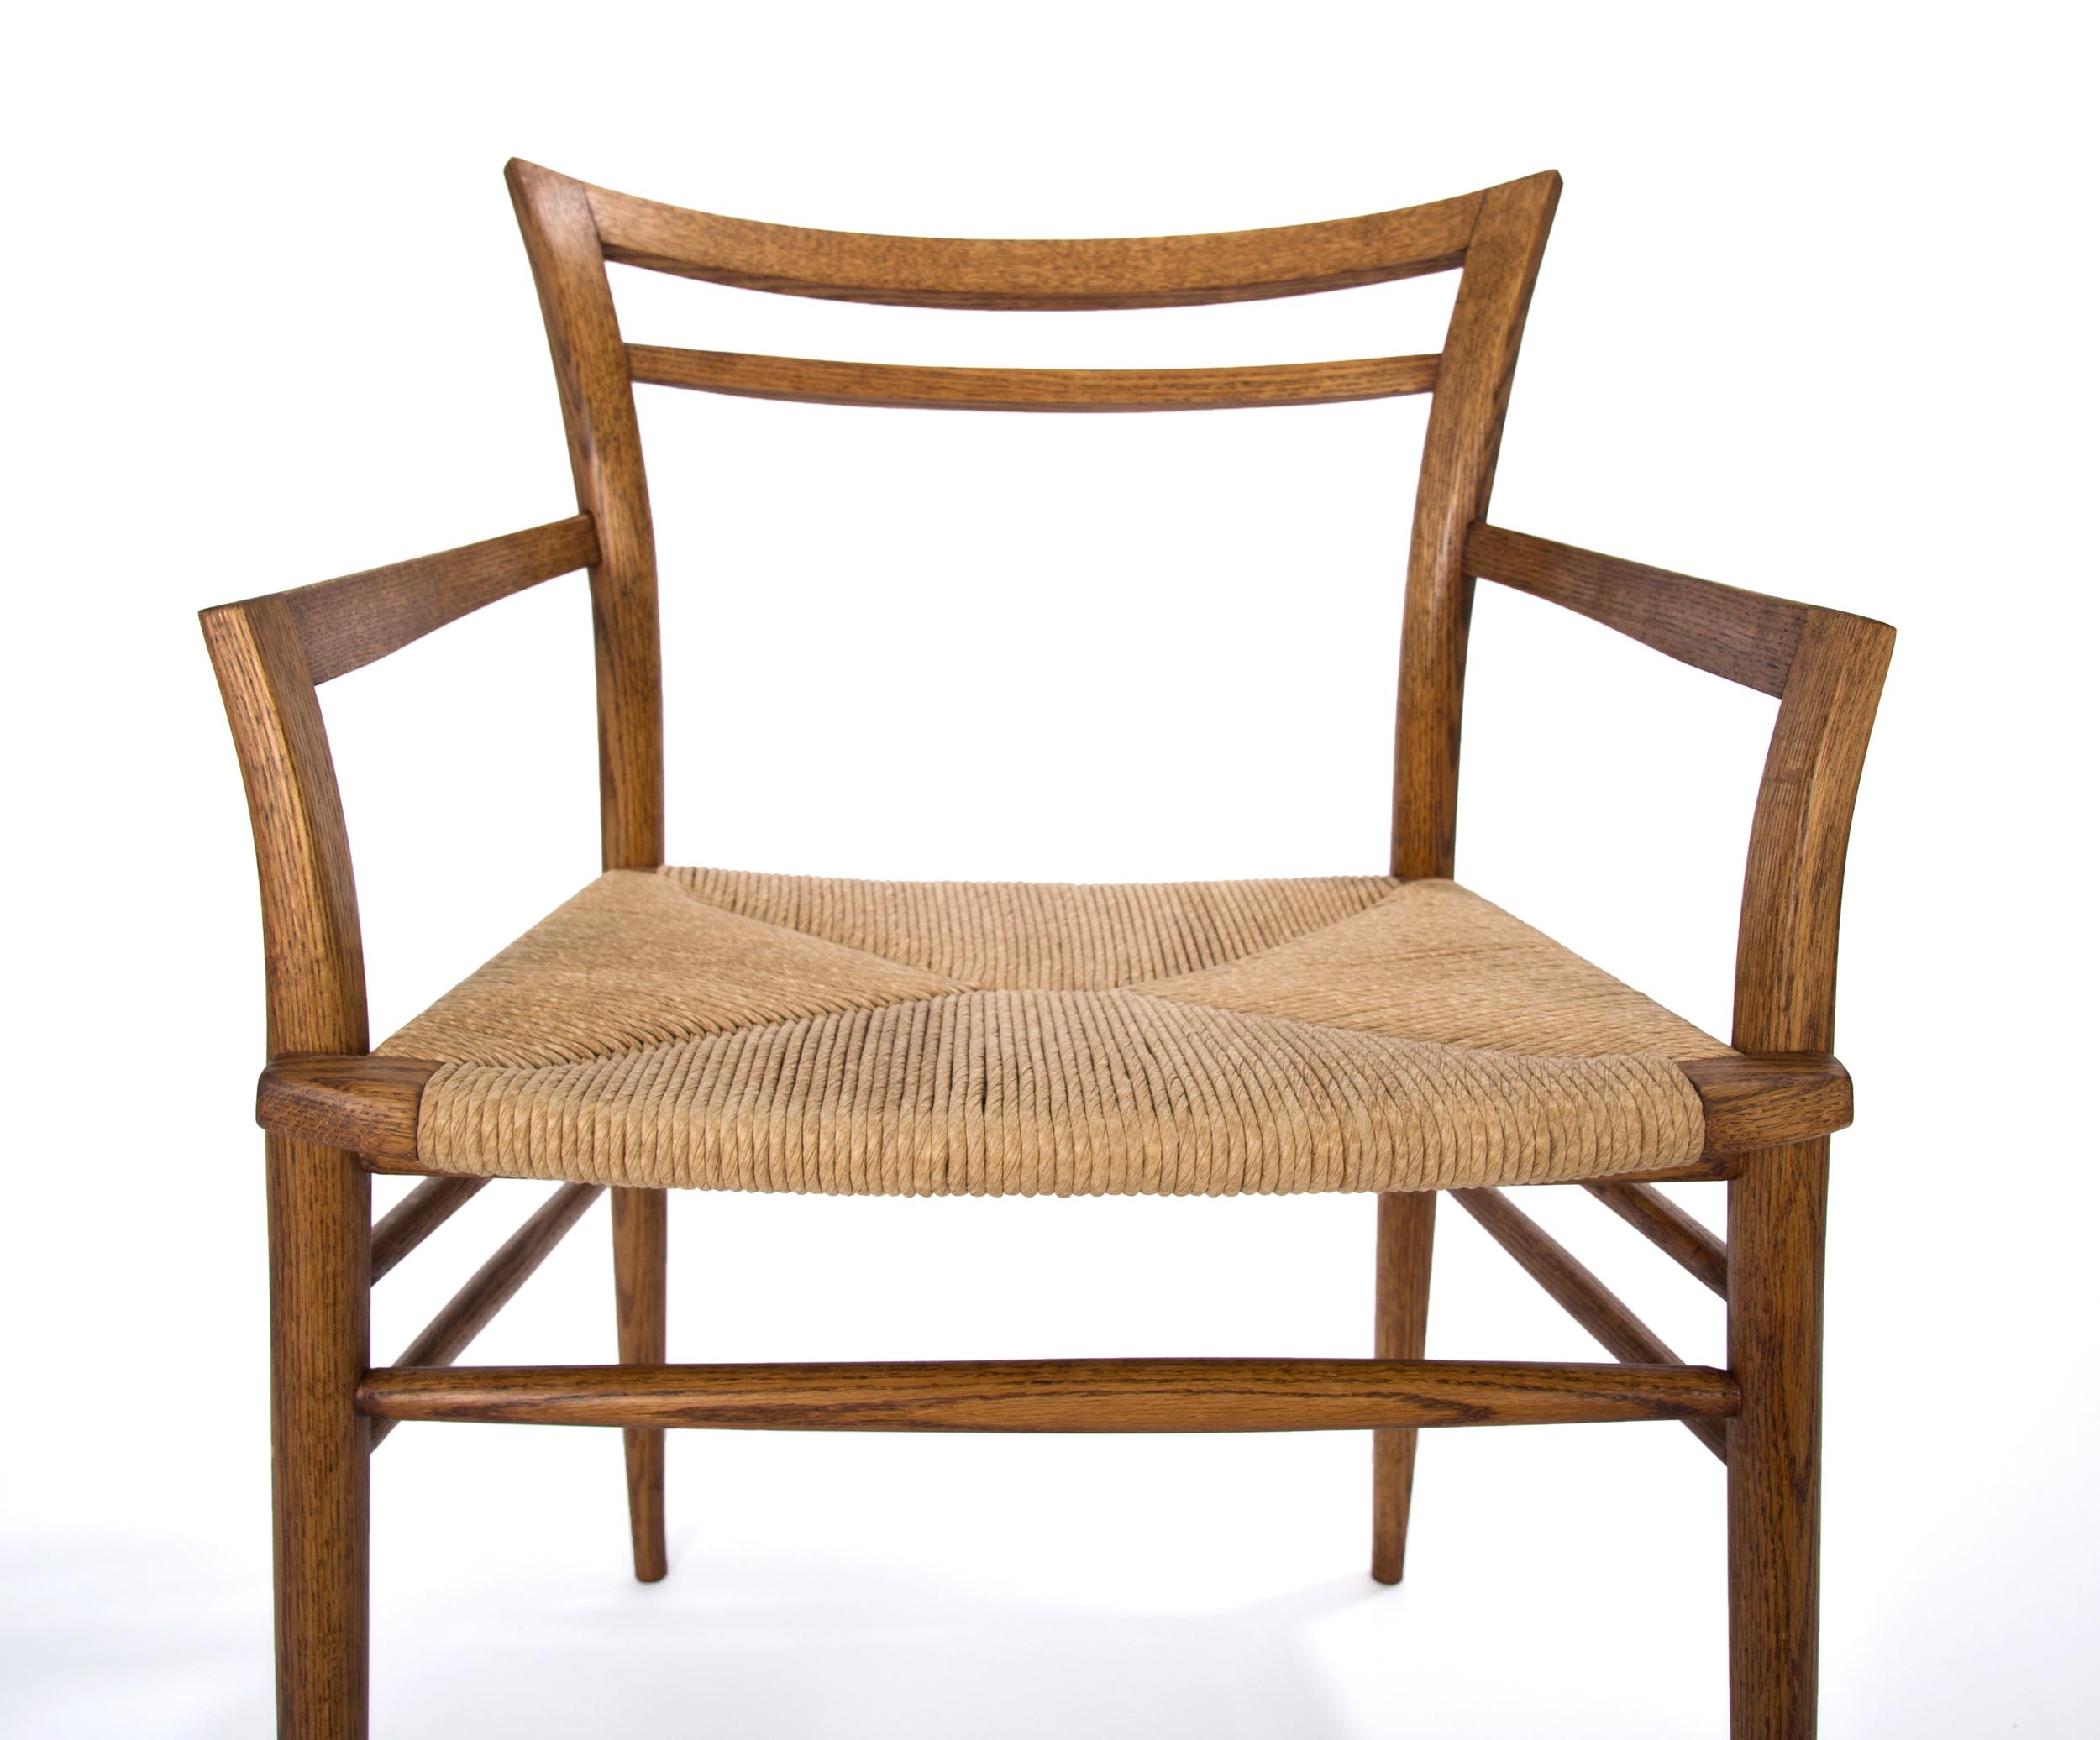 Chair 2-close-up.jpg